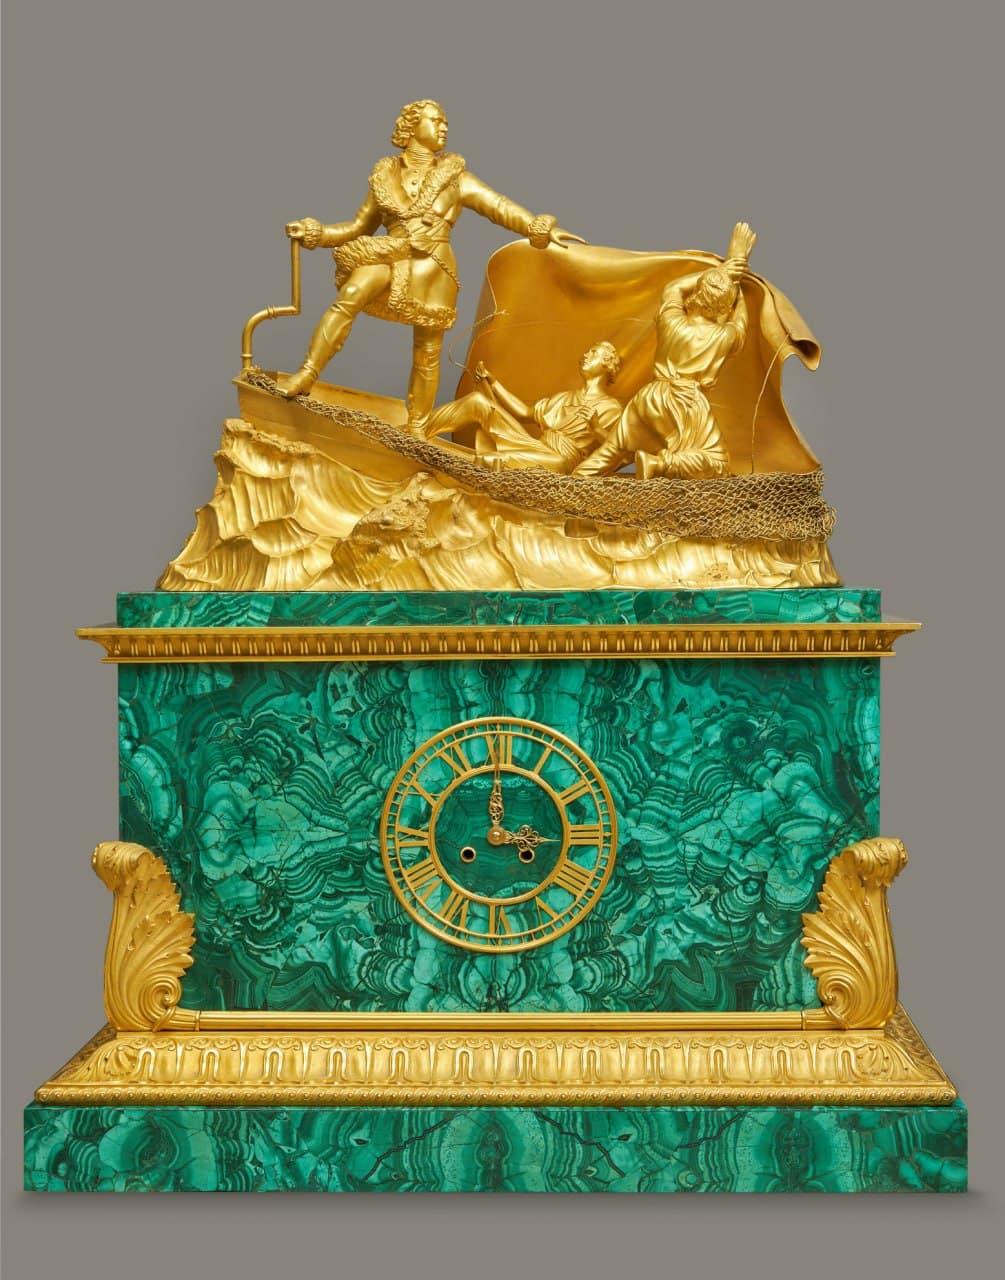 Часы XIX века из музея-усадьбы «Останкино» отреставрировали